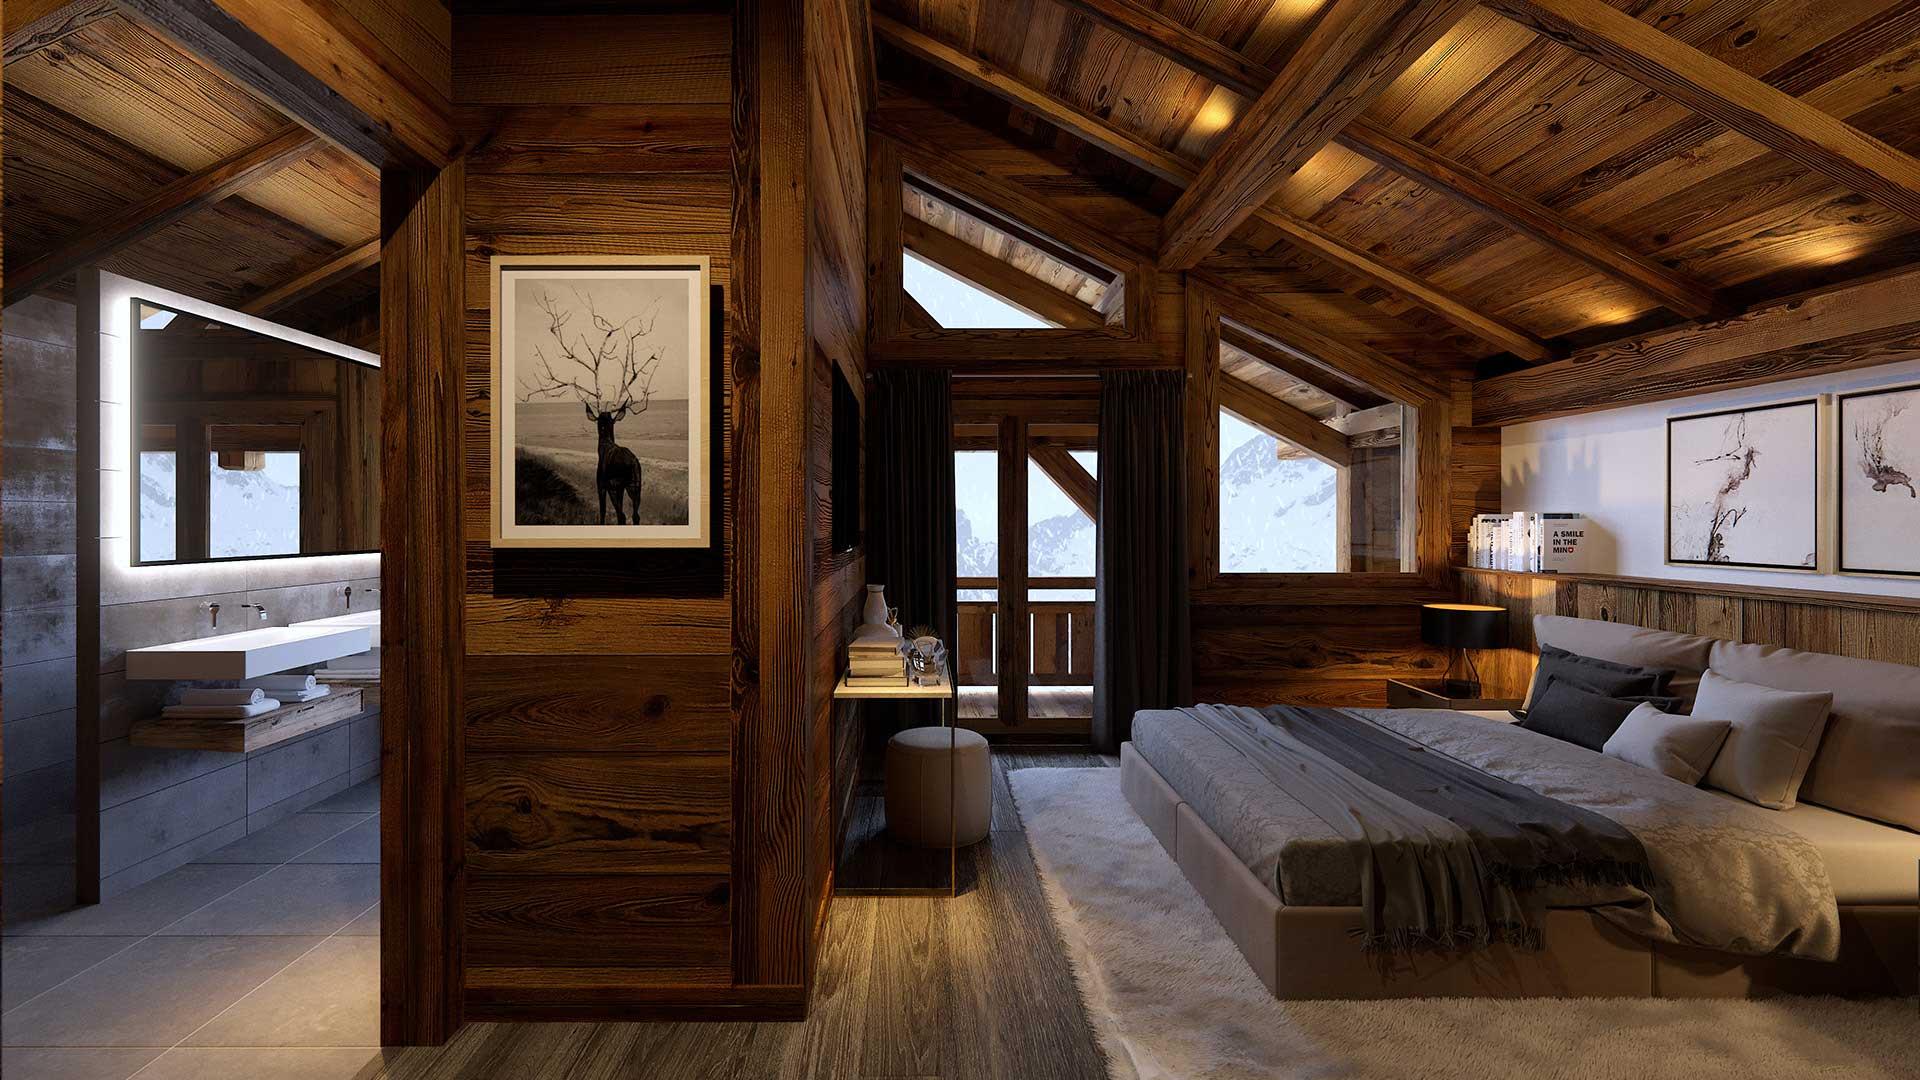 cr ation 3d chambre de luxe 3d studio image num rique france. Black Bedroom Furniture Sets. Home Design Ideas